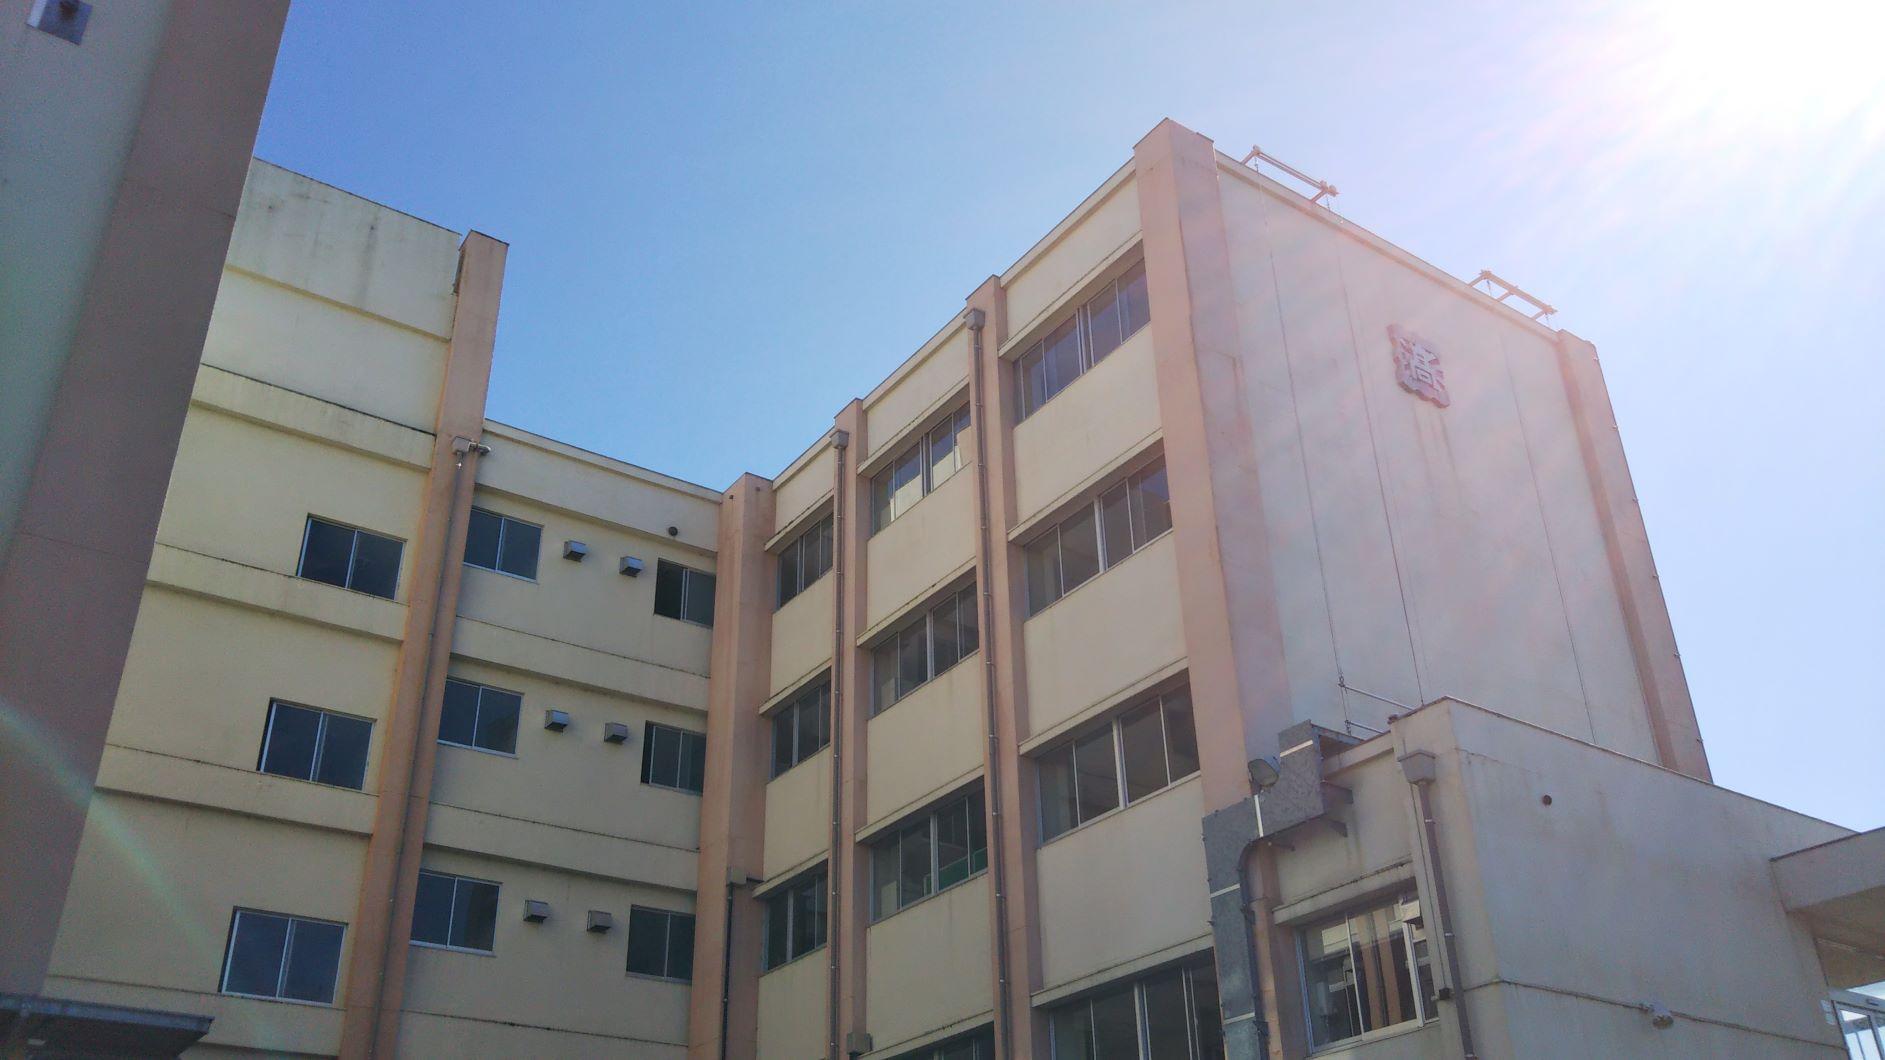 埼玉県,庄和高校,高校,校舎